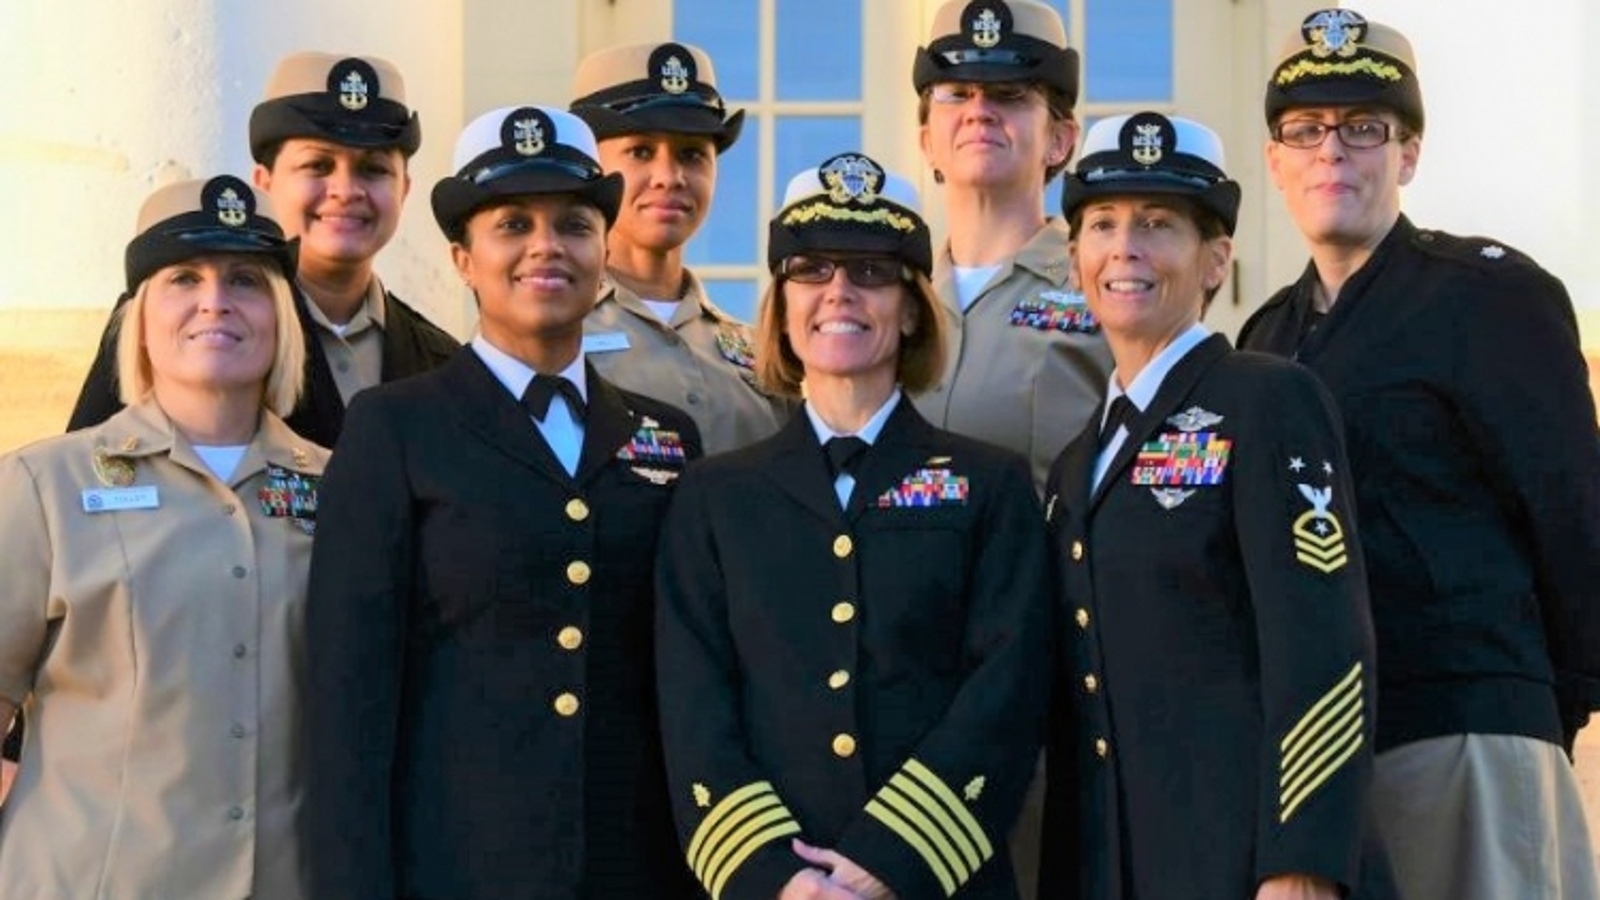 Phụ nữ Mỹ đã đấu tranh ra sao để có vai trò trong các lực lượng vũ trang?